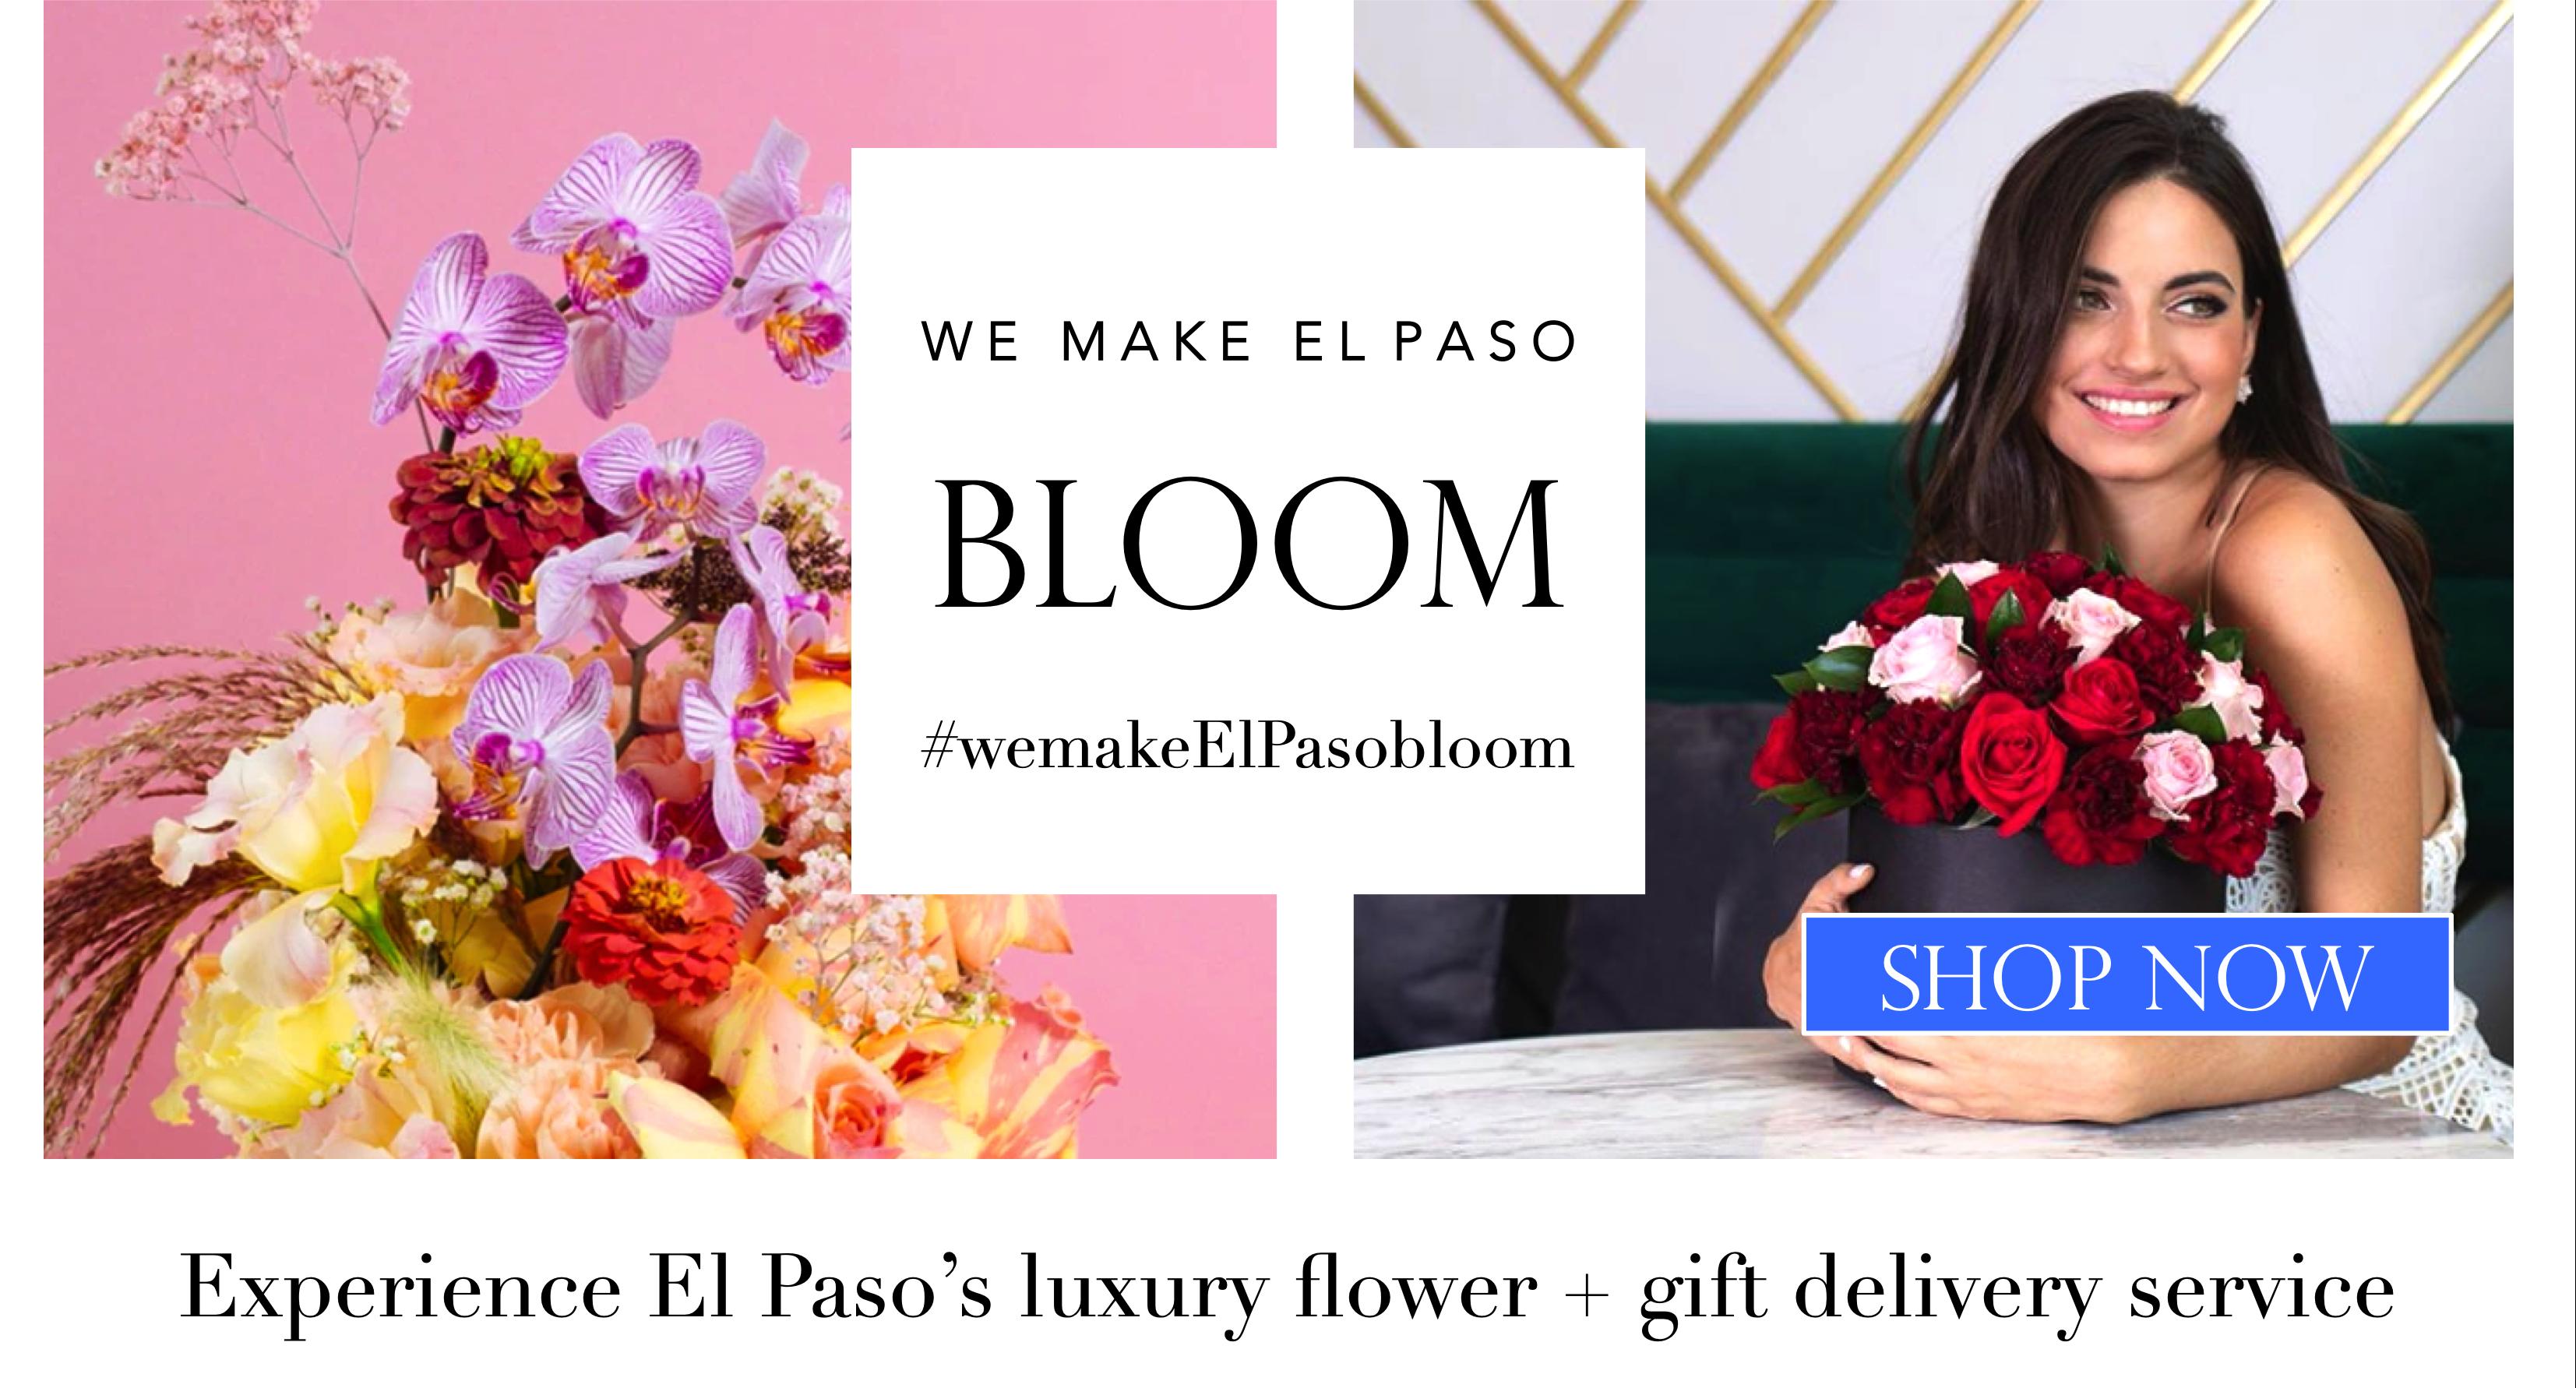 el-paso-floral-design-flower-events-eventos-flowers-floral-arrangements-79912-arrangement-luxury-79912-angies-flowers-el-paso-florist.png